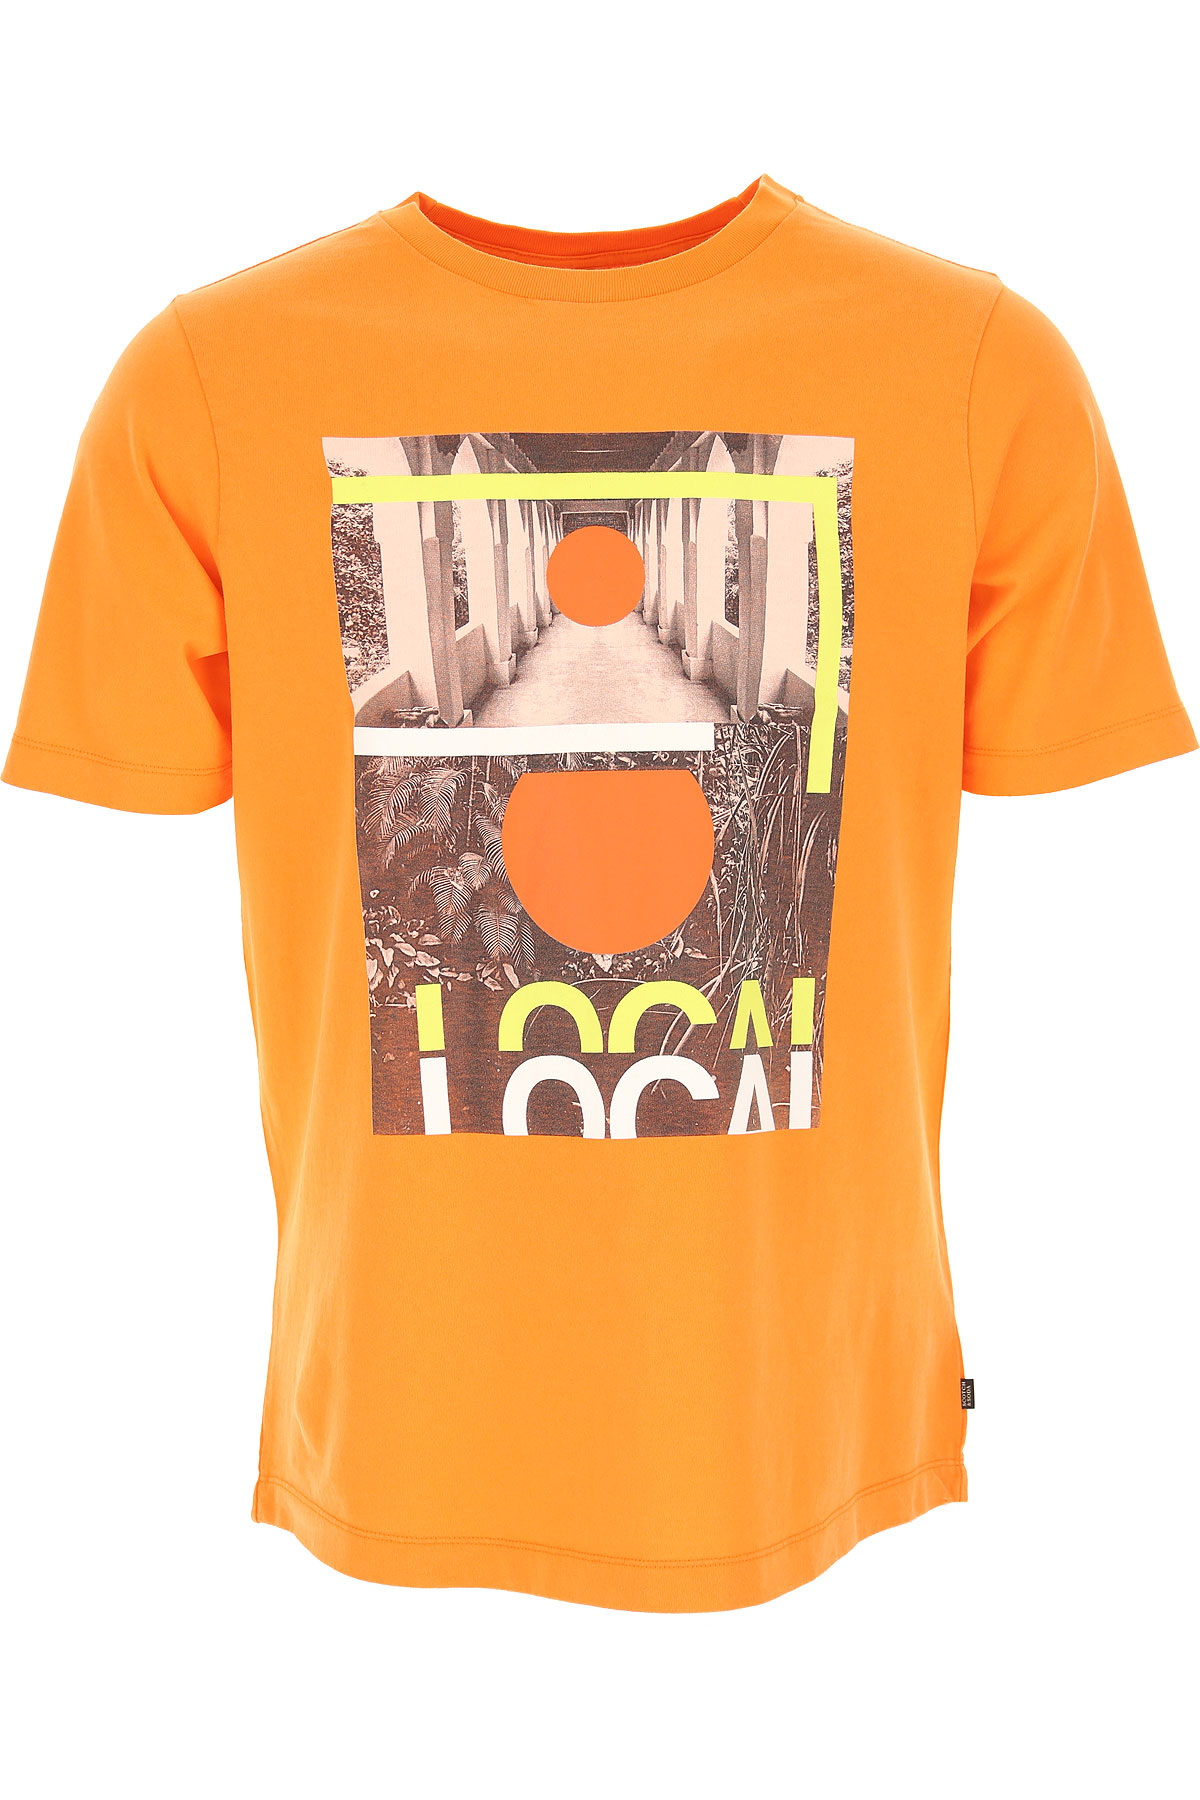 Scotch & Soda T-Shirt for Men On Sale, Light Orange, Cotton, 2019, L M XL